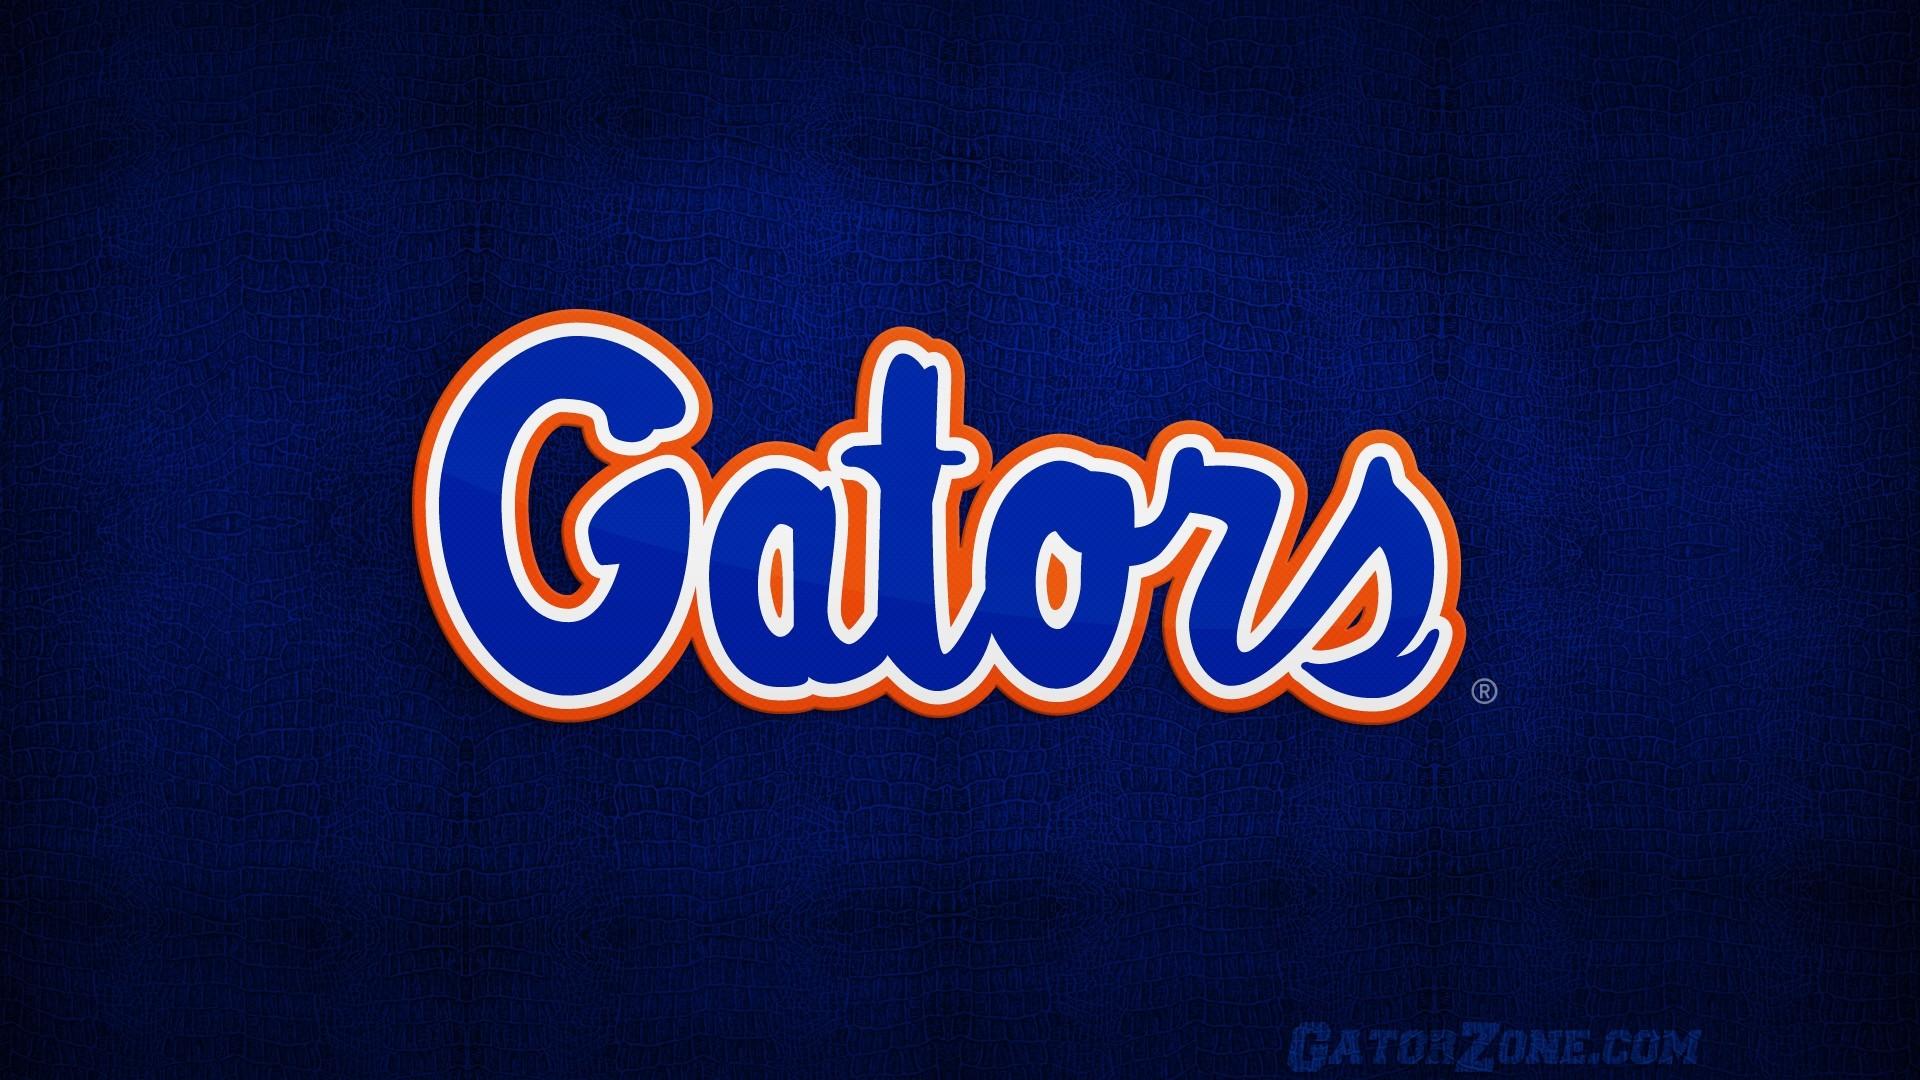 Florida Gators hd desktop wallpaper